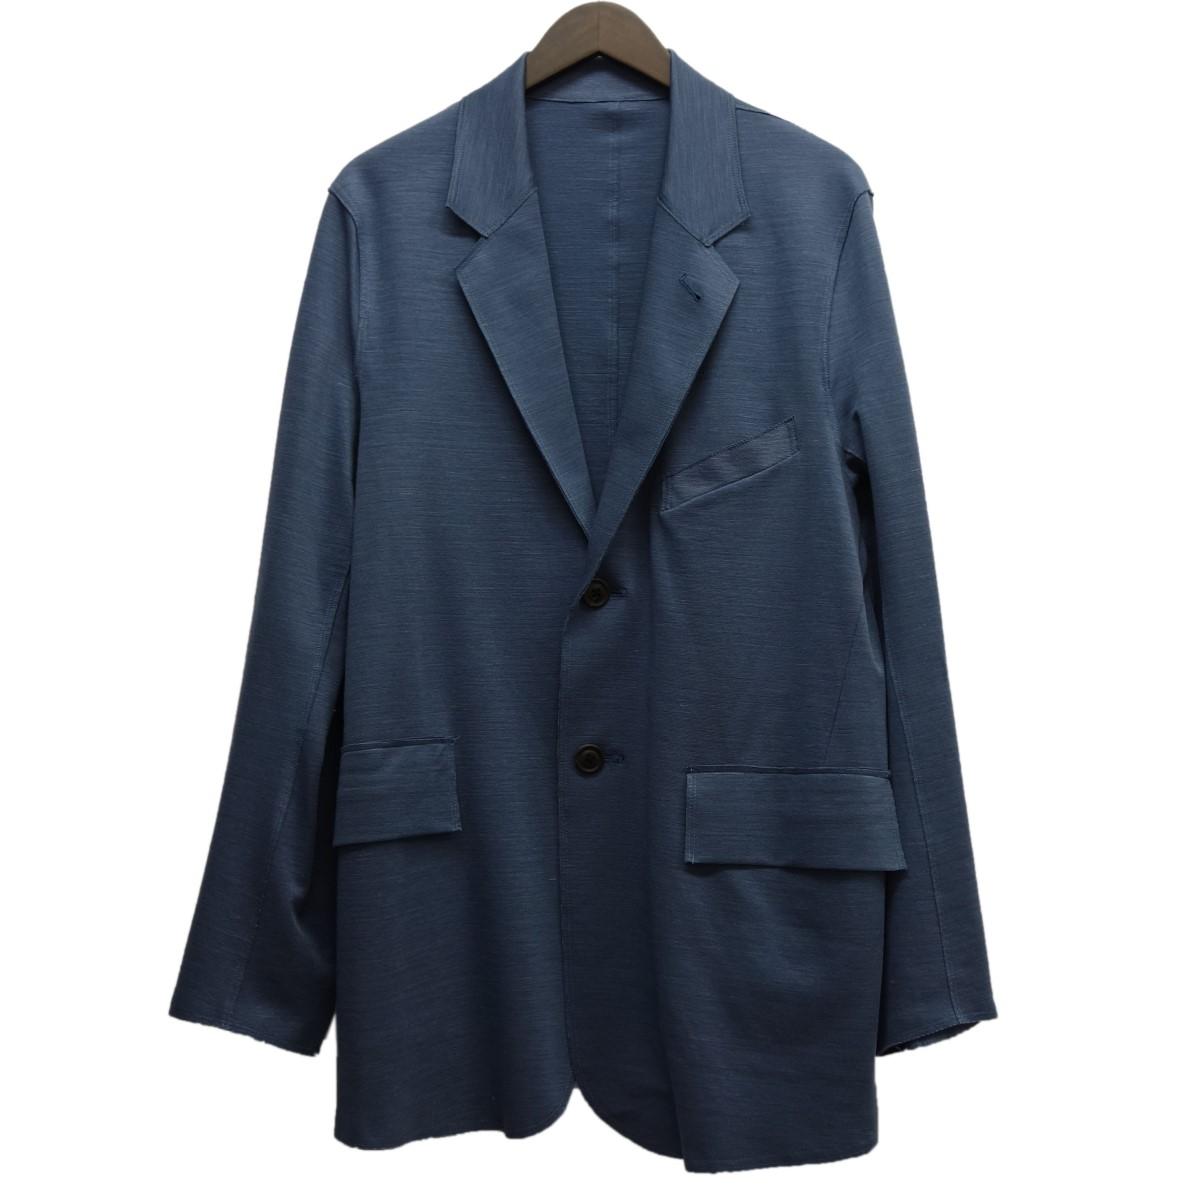 【中古】URU 18SS「MIRANO RIB JACKET」ミラノリブジャケット ブルーグレー サイズ:1 【060420】(ウル)